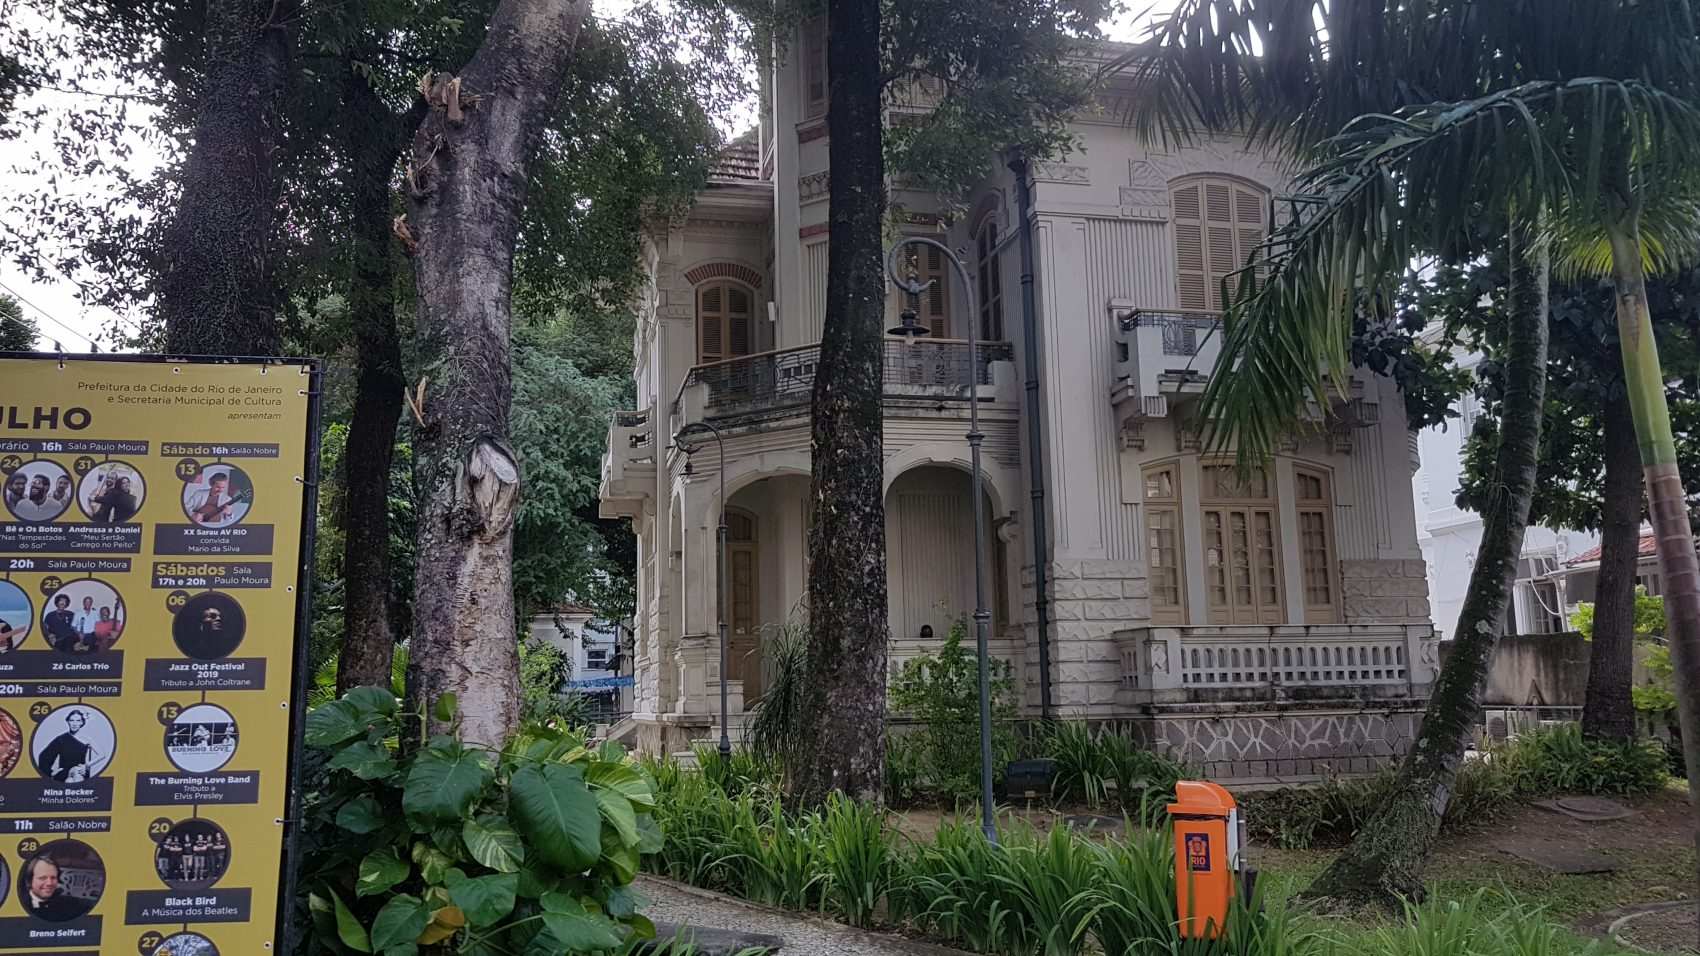 Palacete Garibaldi, casarão de 1921, onde funciona o Centro de Música Carioca Artur da Távola: exposição sobre os 260 anos da Tijuca (Foto: Oscar Valporto)